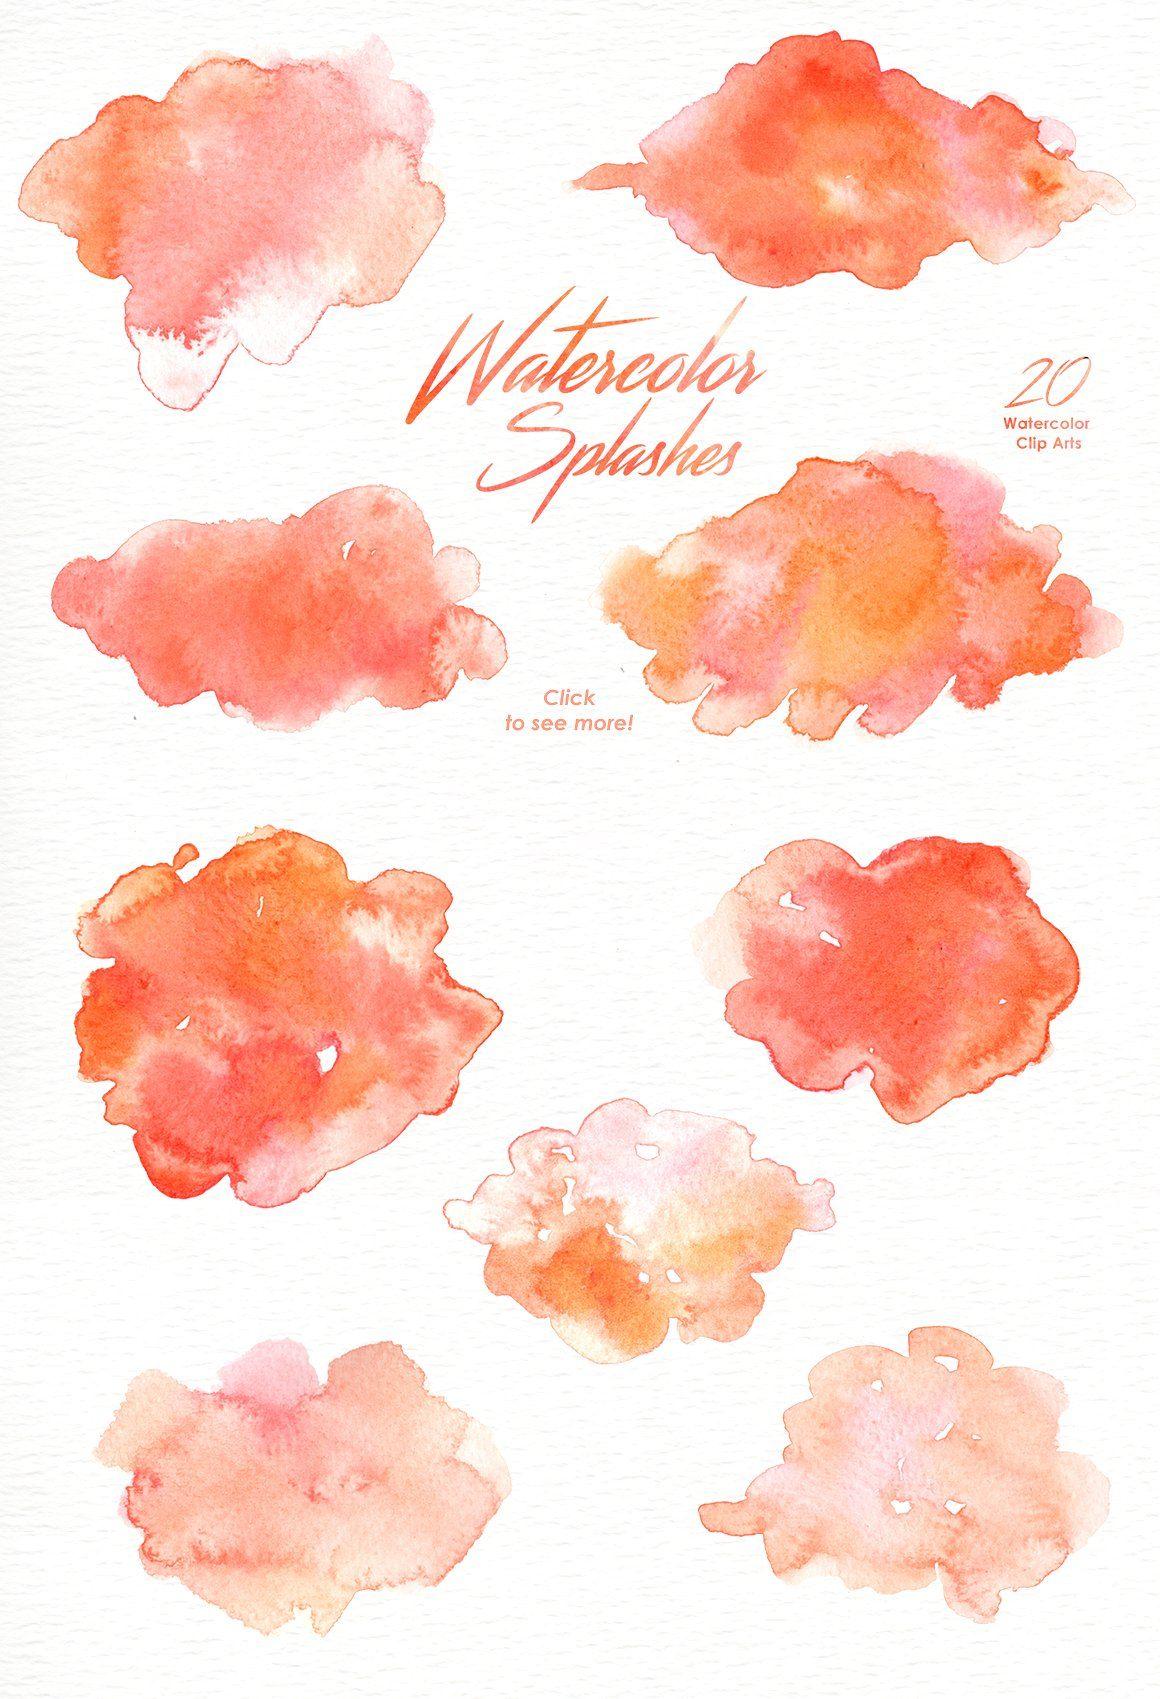 Watercolor Brush Strokes Clipart Rose Gold Glitter Splash Paint